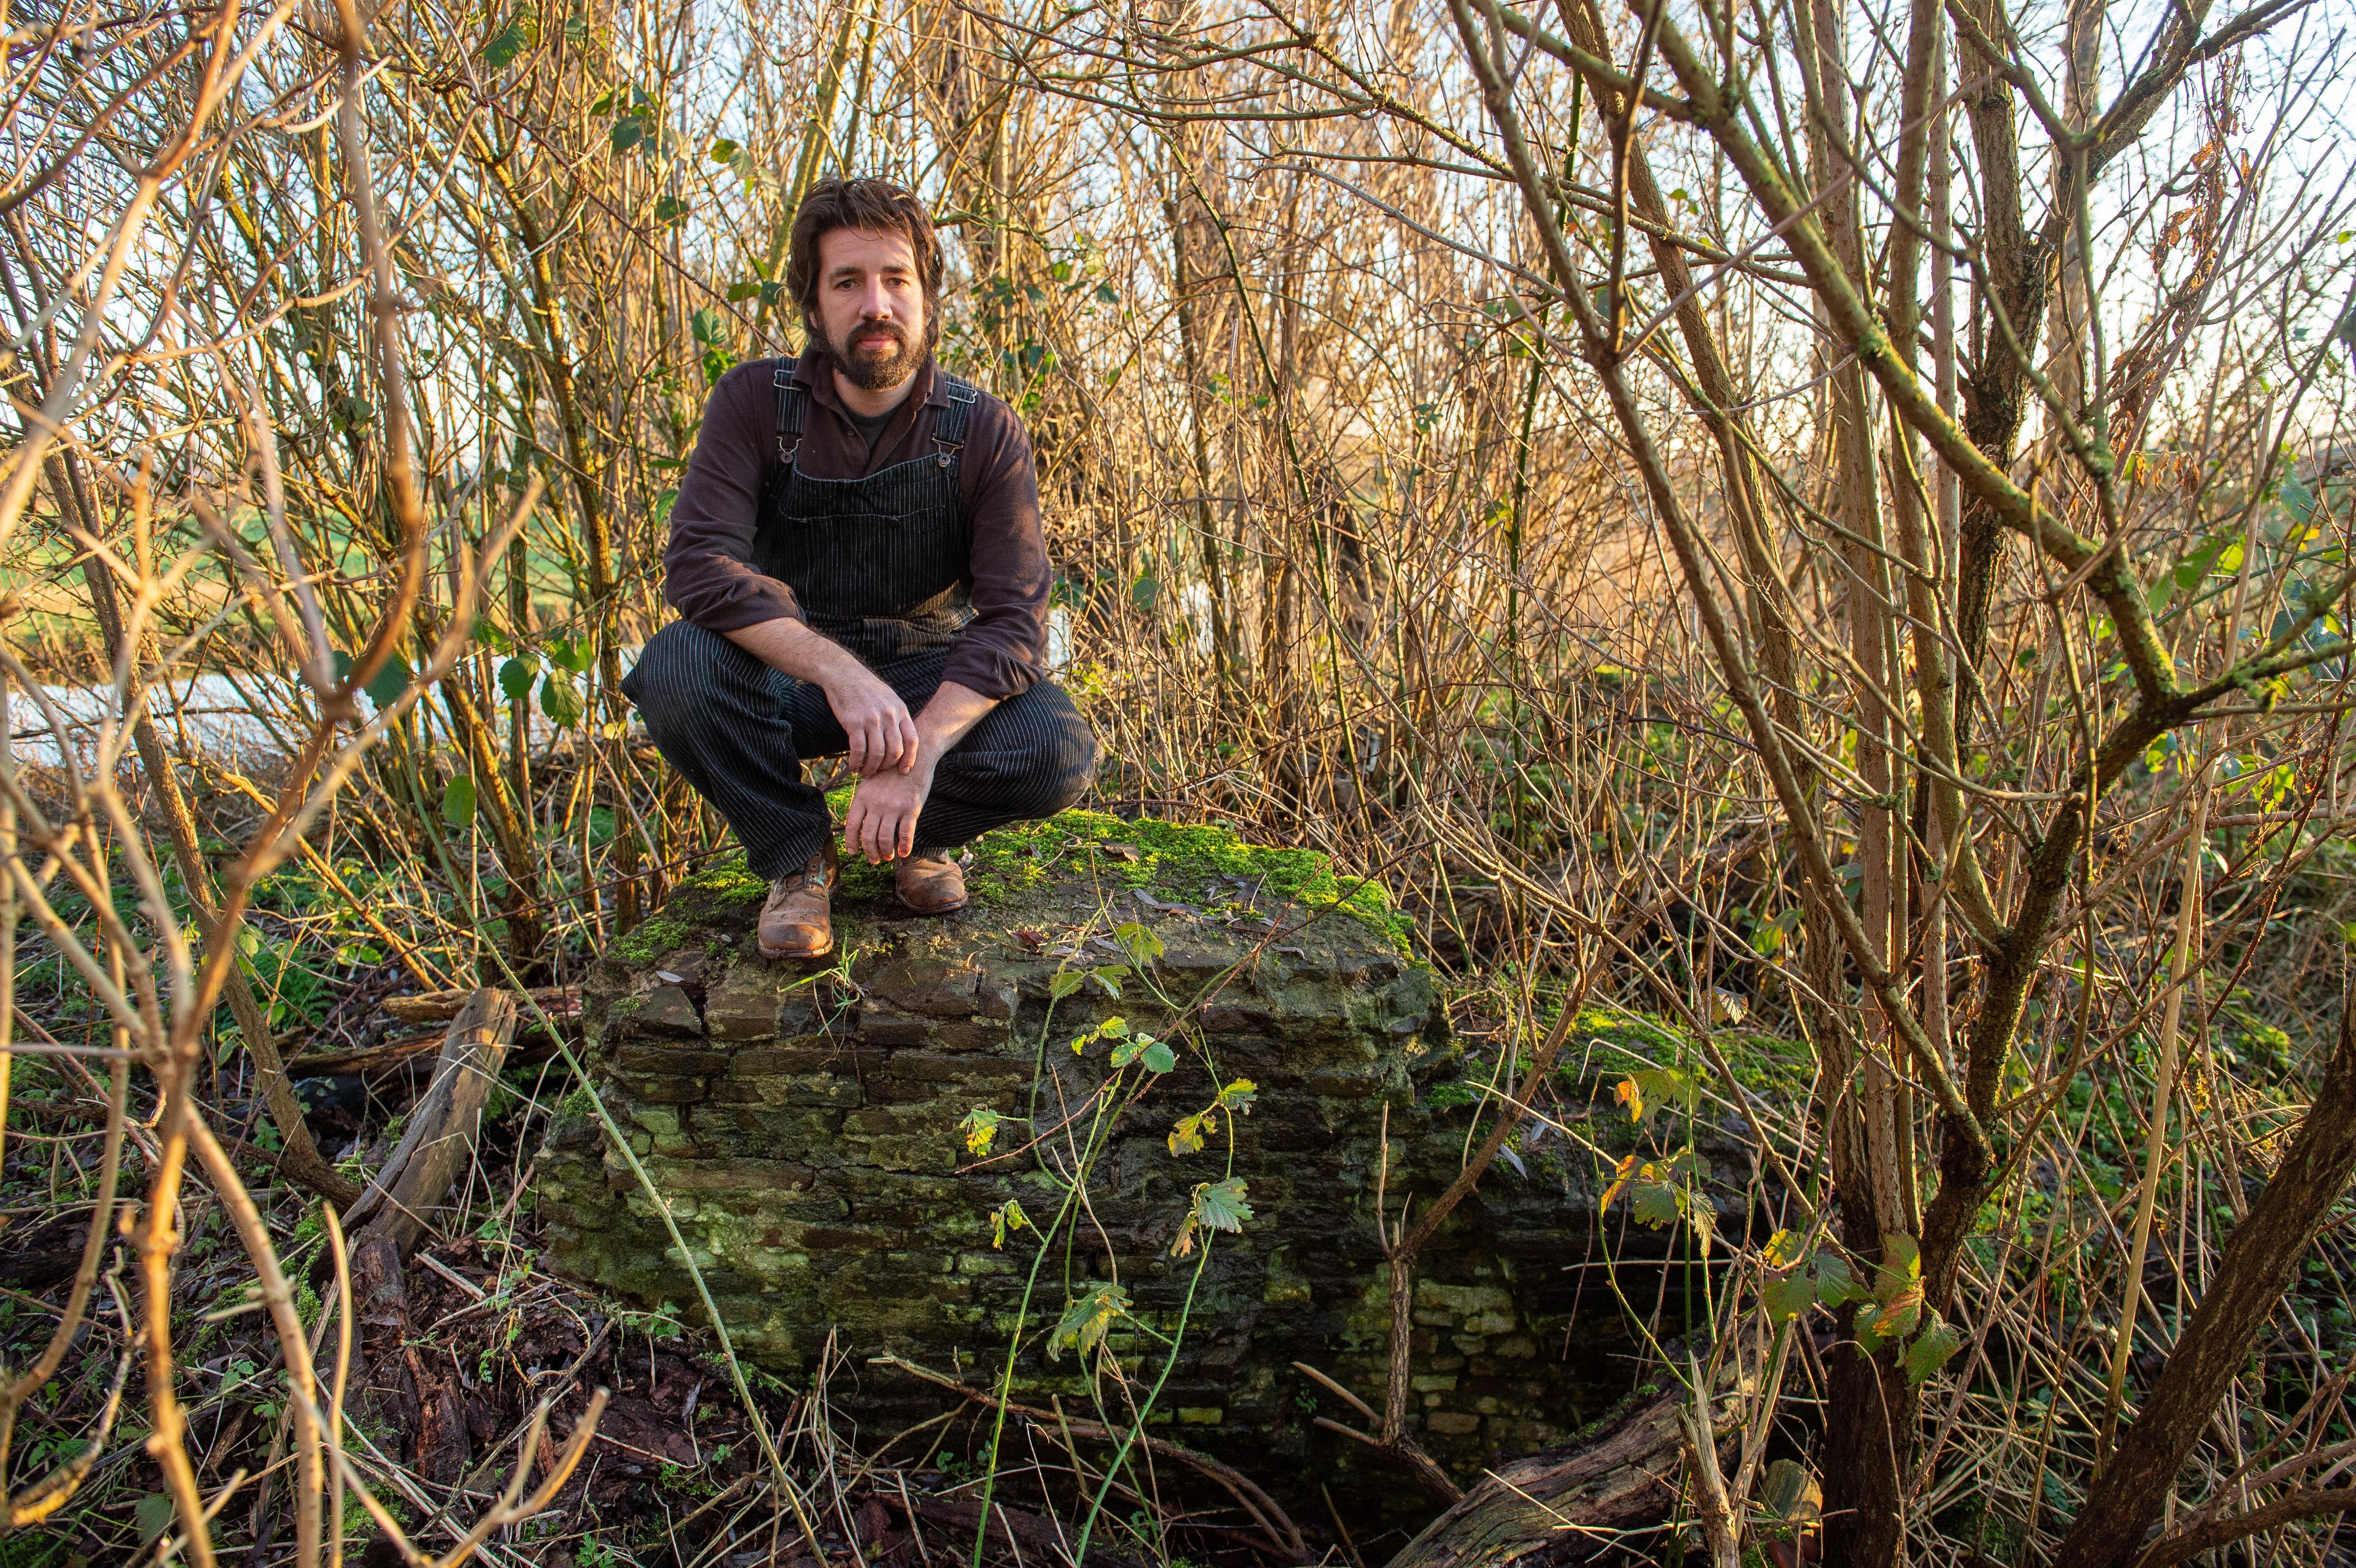 De Kibbelaar: 'doodgewone poldermolen', maar bijzonder voor de regio Purmerend